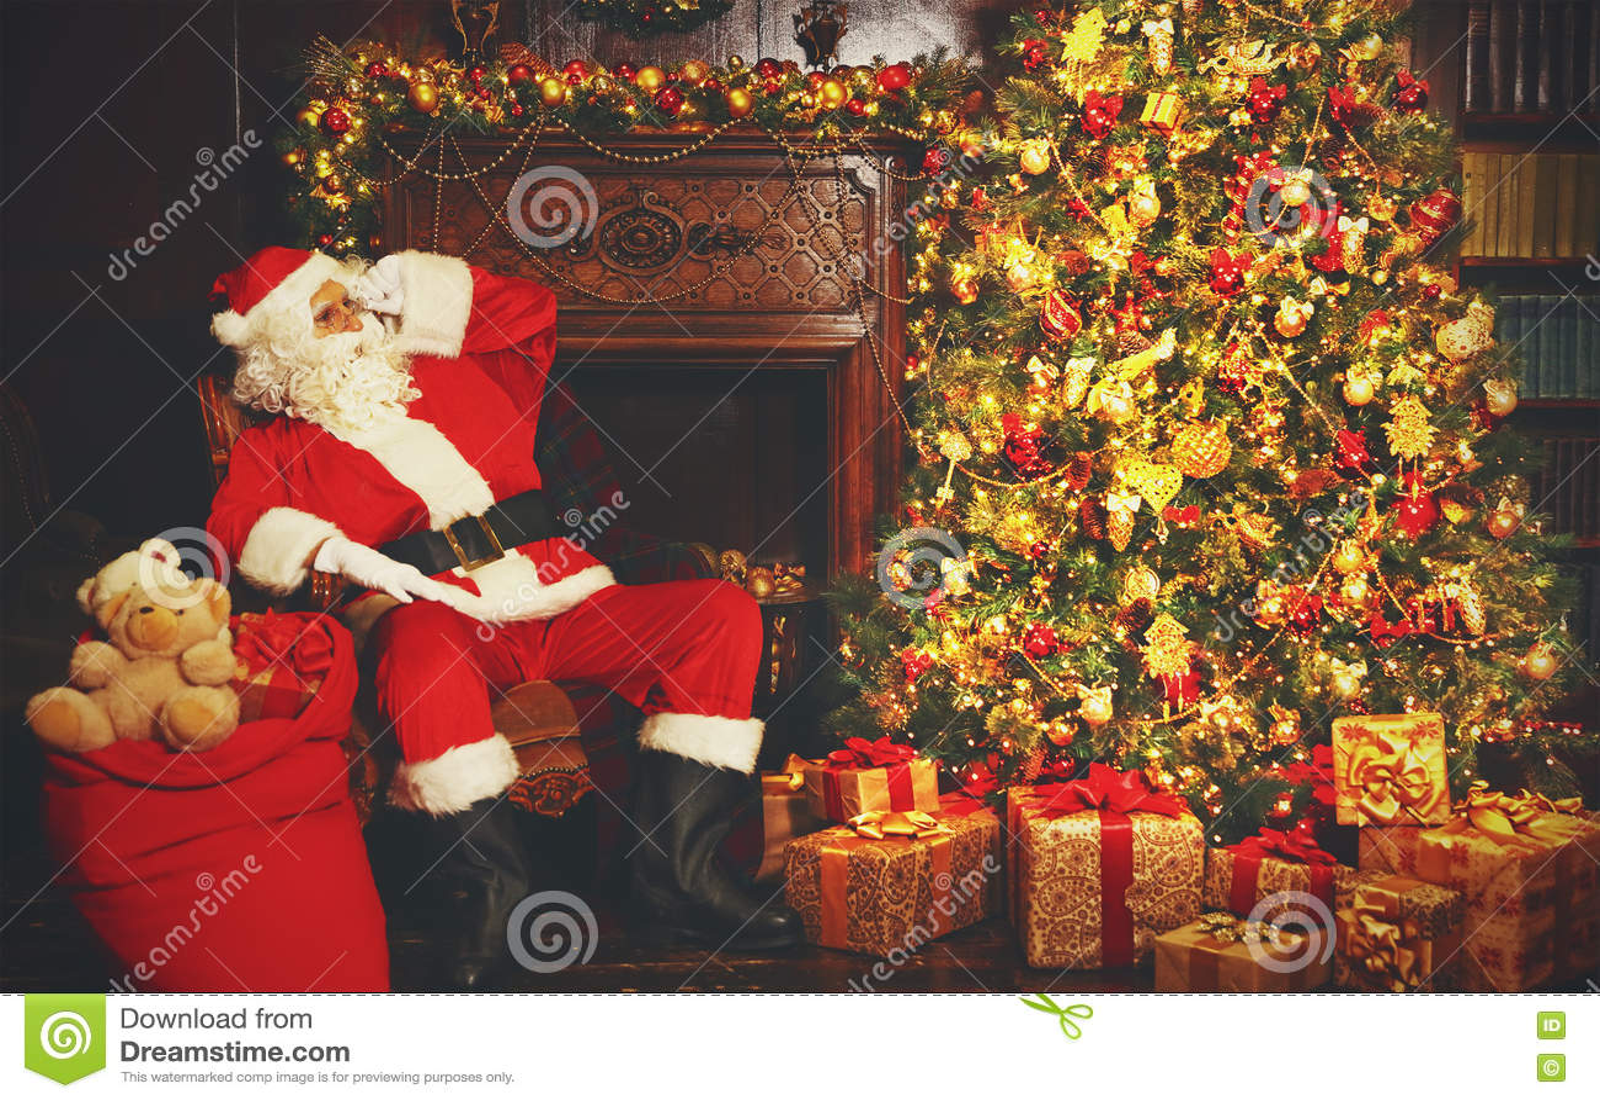 Santa Claus Around Christmas Tree Stock Image Image Of